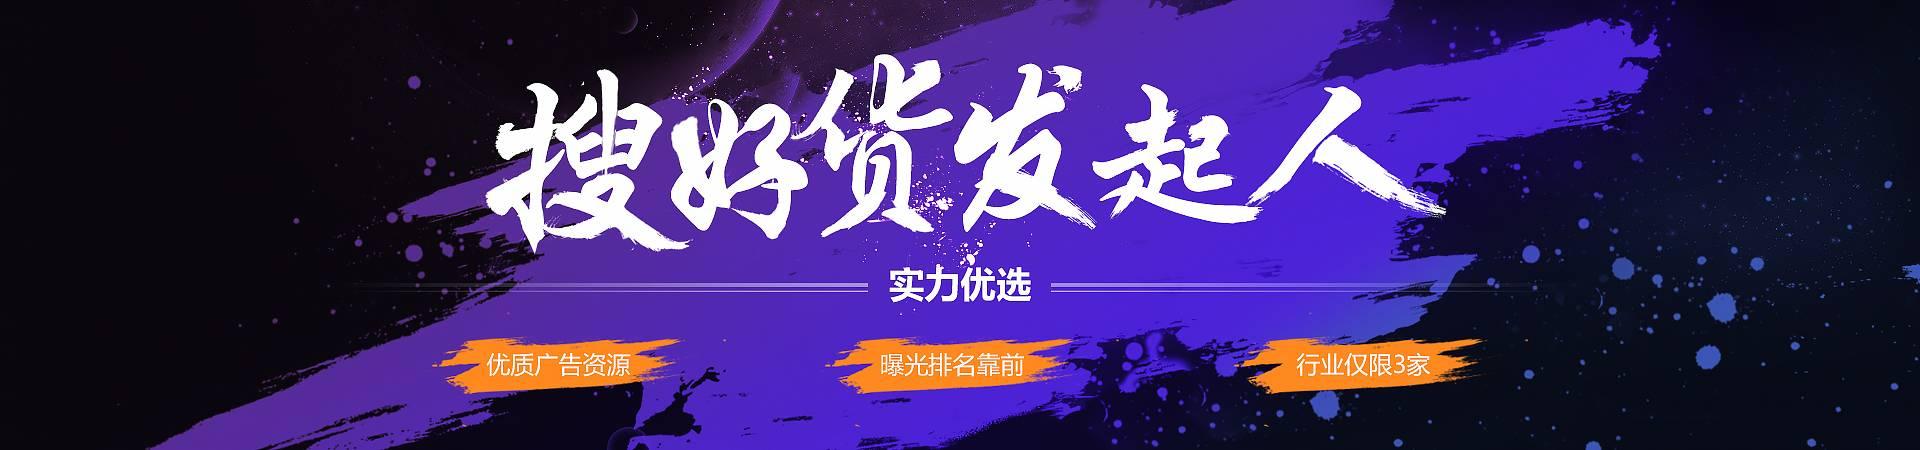 合工鋼杭州賽澤合金工具鋼4CrMnSi圖片